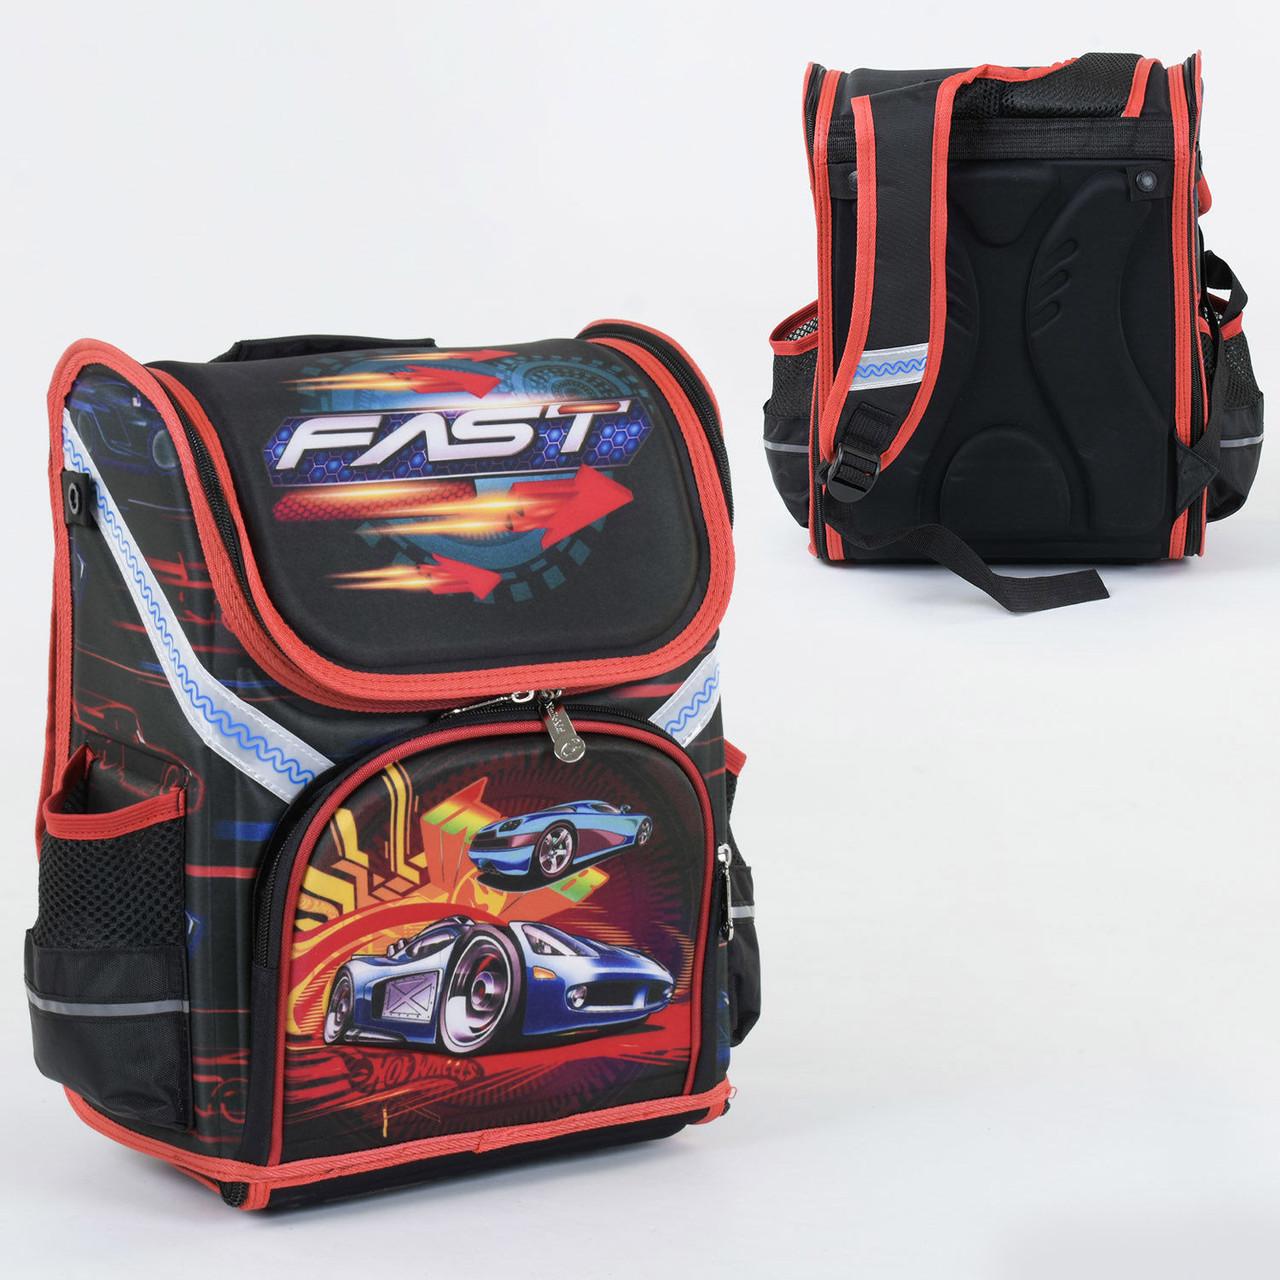 Рюкзак школьный каркасный С 36182, 1 отделение, 3 кармана, спинка ортопедическая, 3D изображение